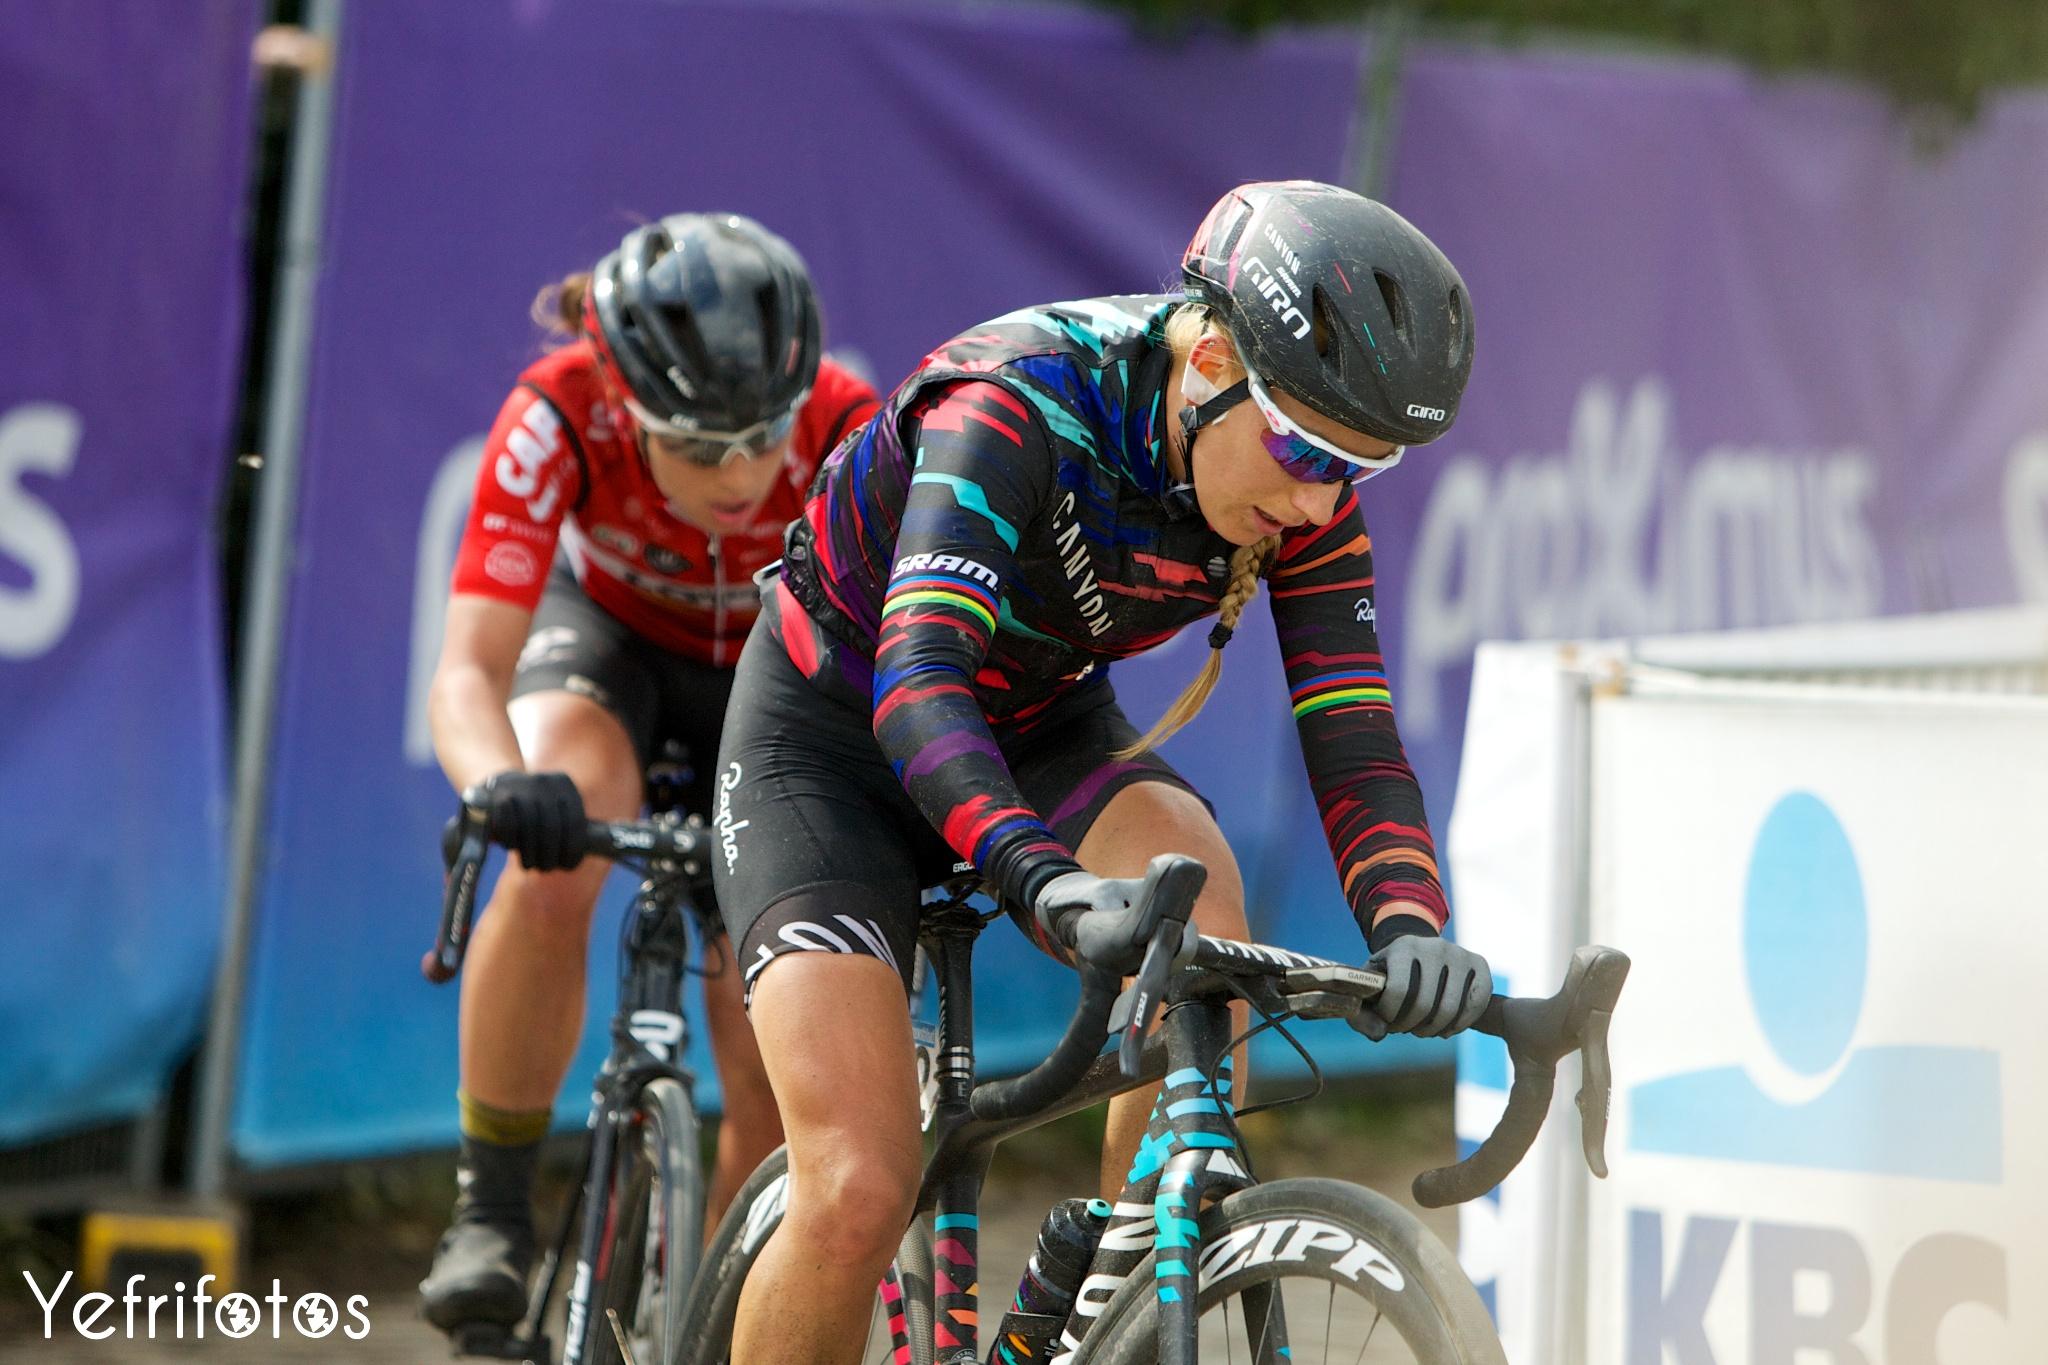 Pauline Ferrand Prevot Tour de Flandres Canyon SRAM